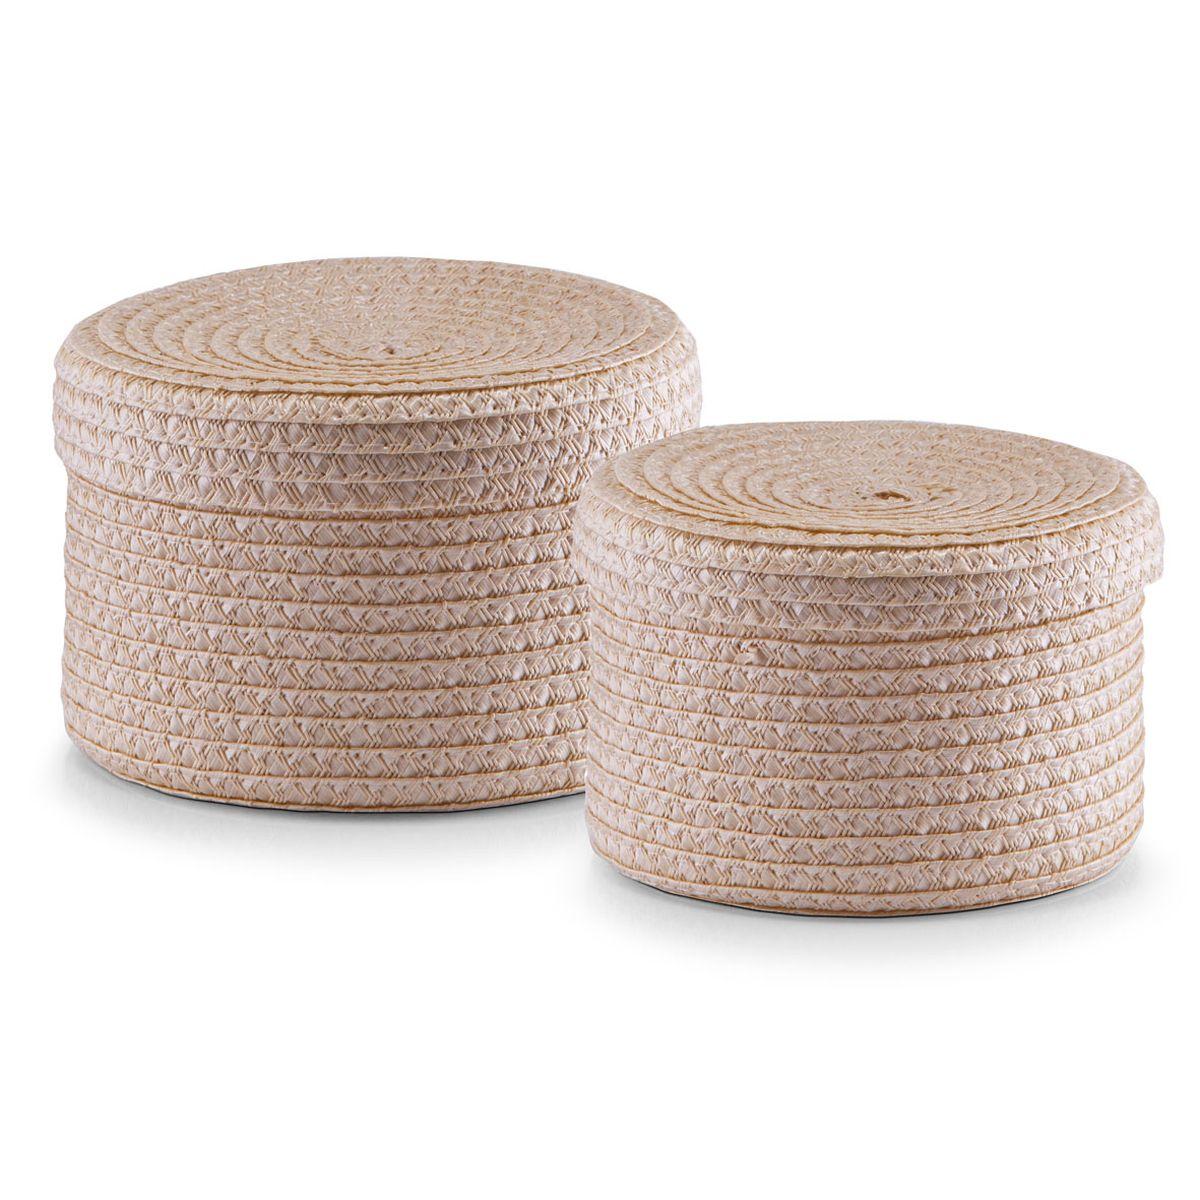 Набор корзин Zeller с крышками, цвет: бежевый, 2 шт14123Набор Zeller состоит из двух корзин разного размера. Корзинки изготовлены из текстиля и оснащены крышками. Изделия идеально подходят для упаковки подарков, цветочных композиций и подарочных наборов, для хранения различных вещей и аксессуаров. Так же они являются прекрасным декоративным элементом интерьера. Такие корзины будут создавать уют и комфорт в вашем доме и станут отличным подарком. Диаметр корзин: 16 см, 17 см. Высота корзин: 10 см, 12 см.